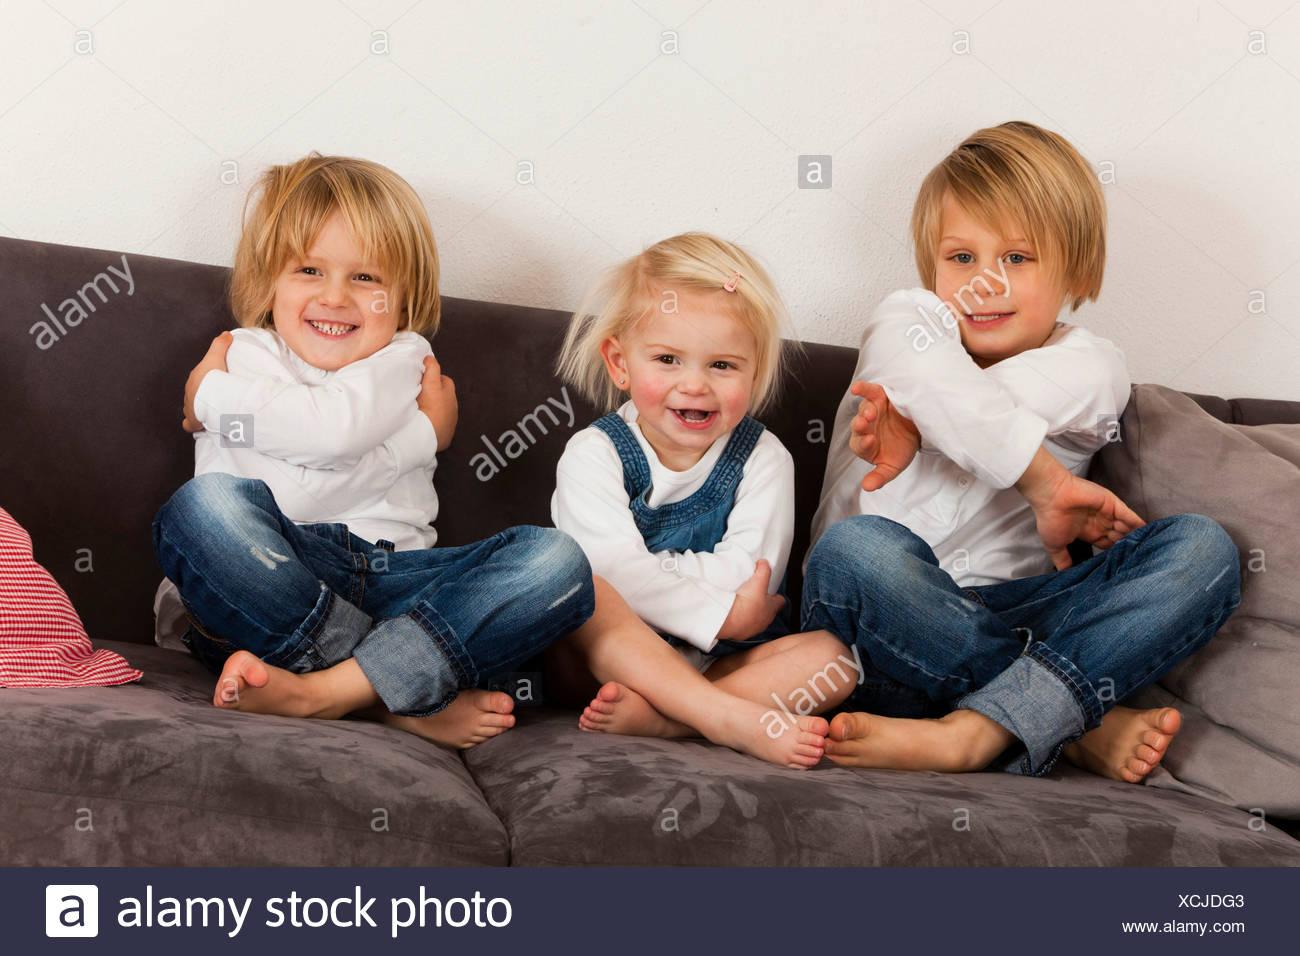 Mädchen aus 2 Jungs auf einmal